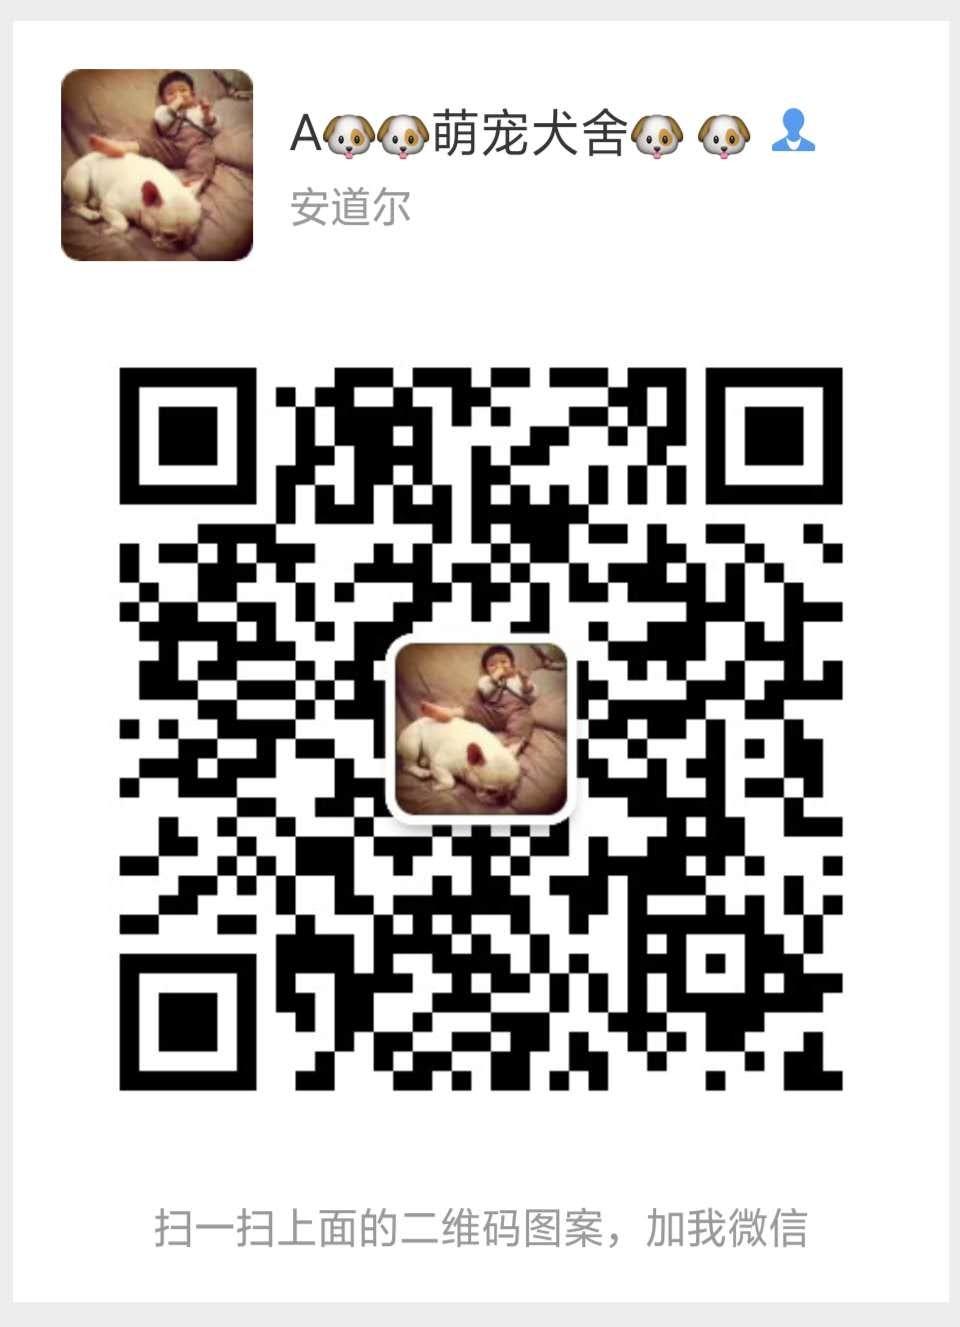 毛量大面相甜美的广州泰迪犬找新家最优信誉最诚服务5